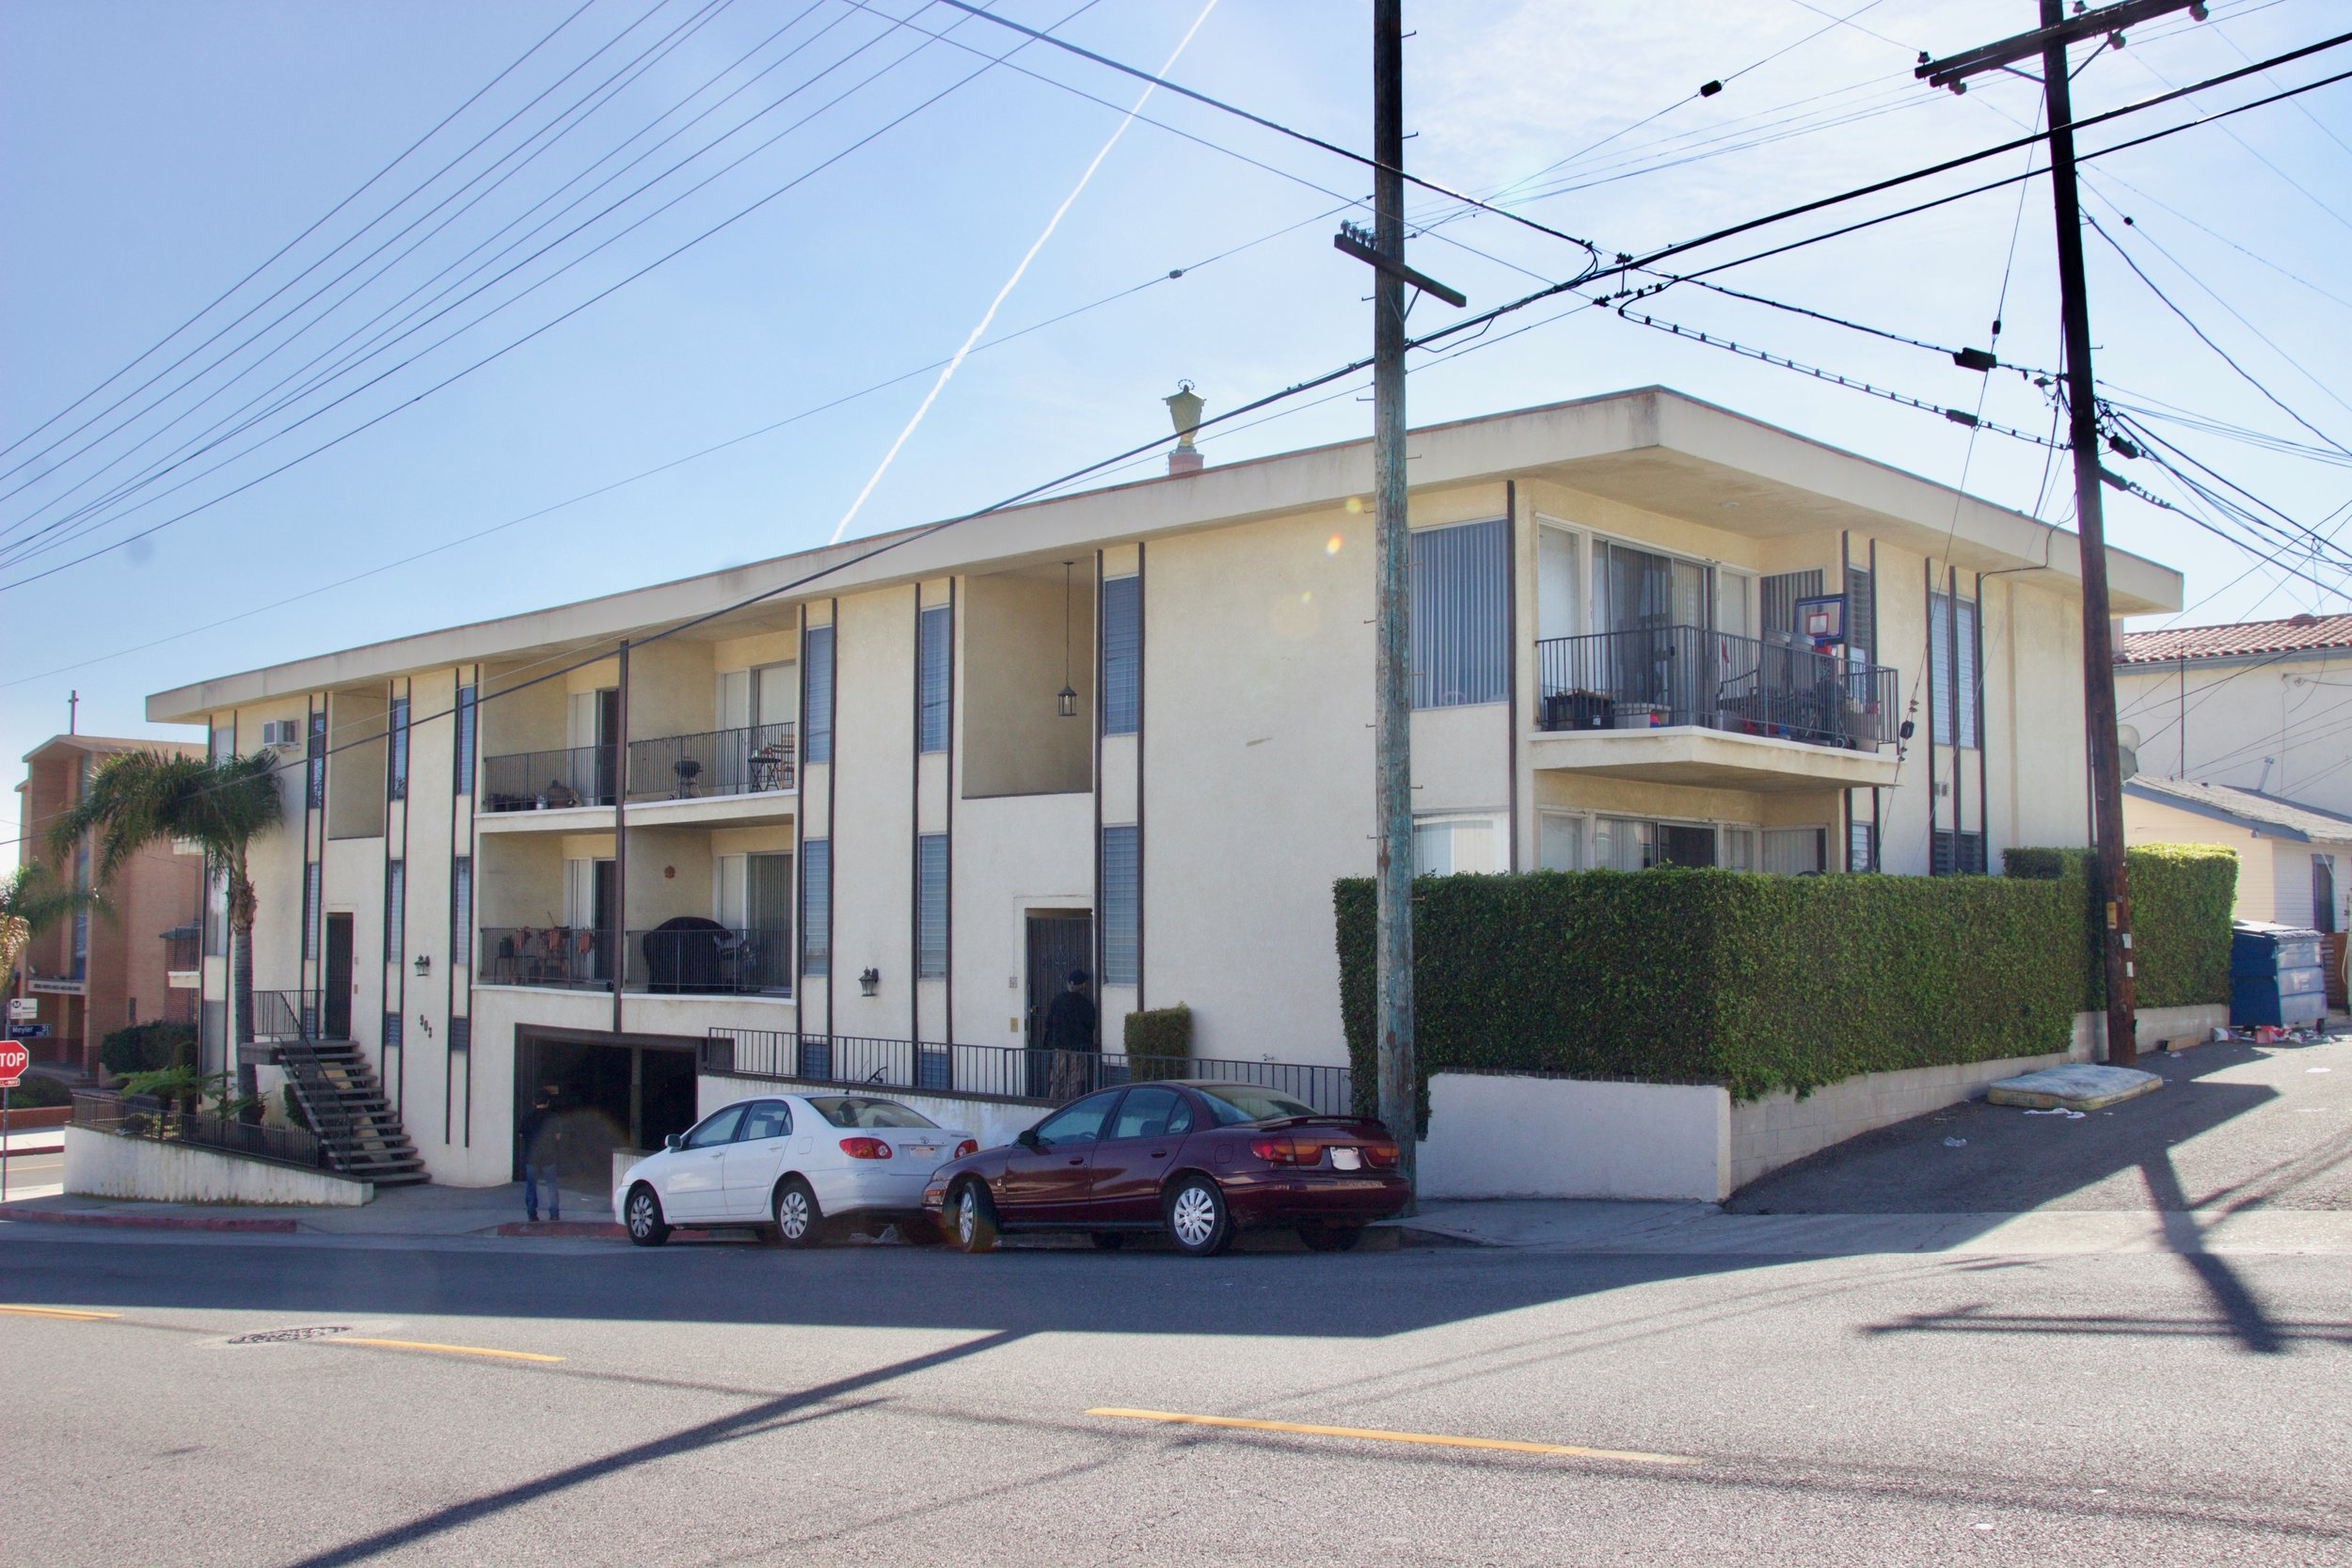 Los Angeles (San Pedro), CA